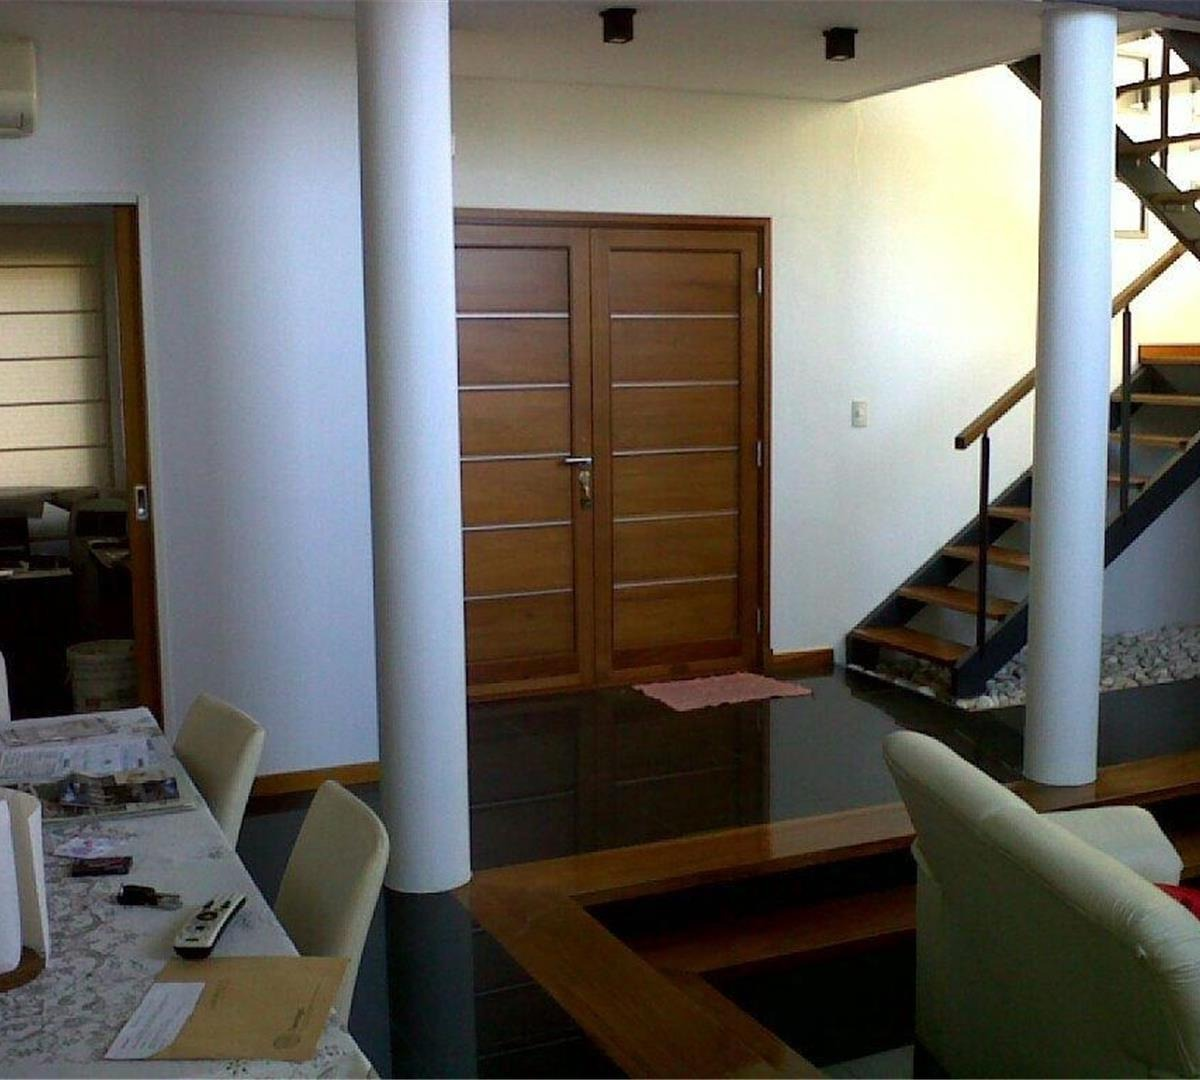 excelente casa 300 mt2  4 ambientes  galeria  playroom